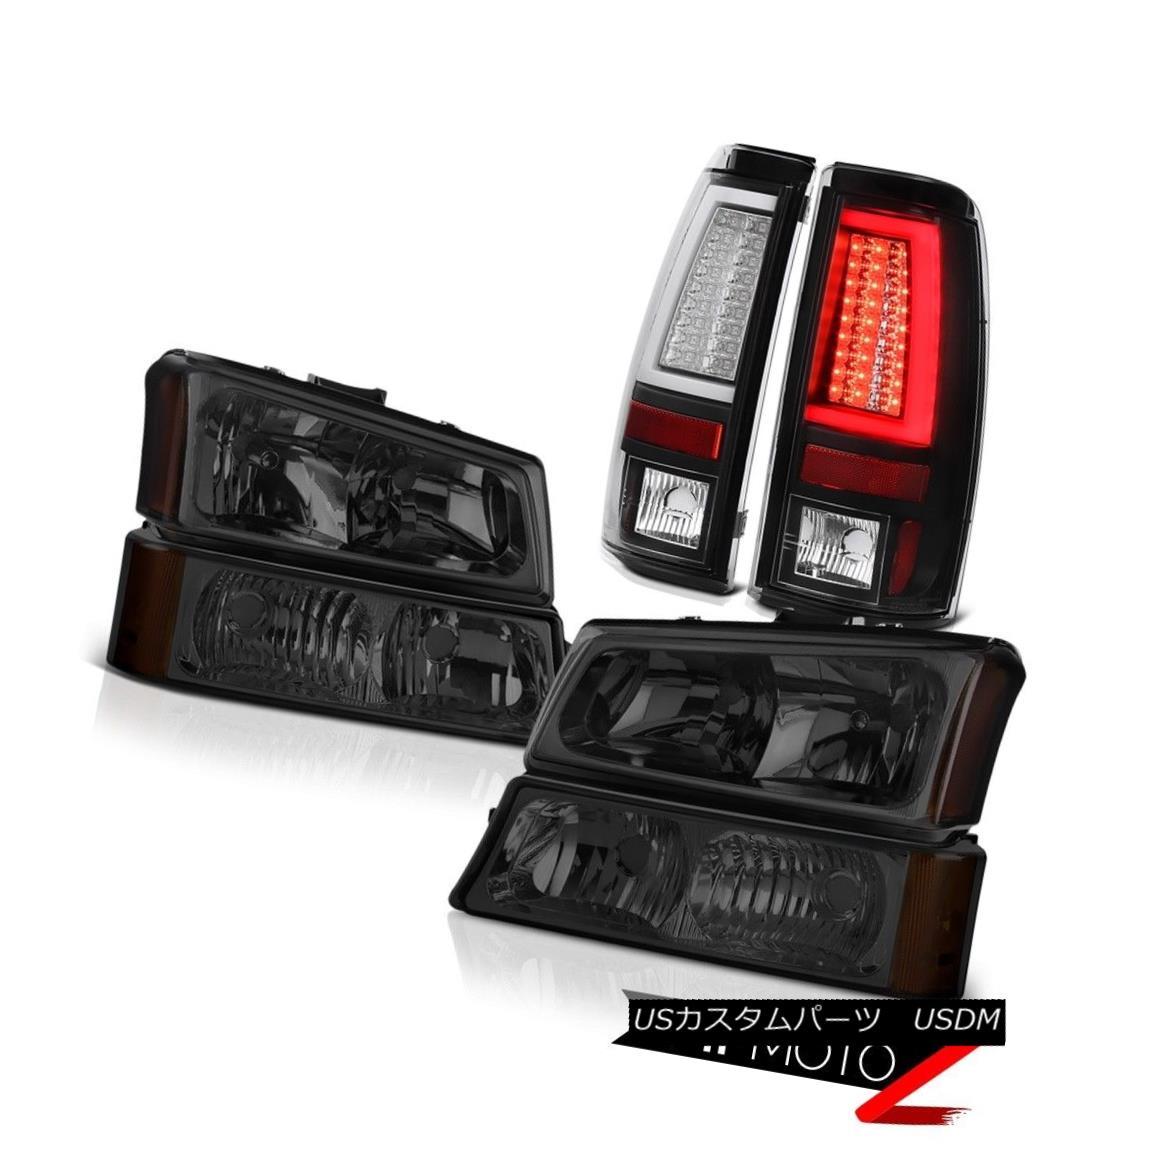 ヘッドライト 2003-2006 Chevy Silverado Raven Black Taillights Dark Smoke Headlights Light Bar 2003-2006シボレーシルバラードレイブンブラックテイルライトダークスモークヘッドライトライトバー